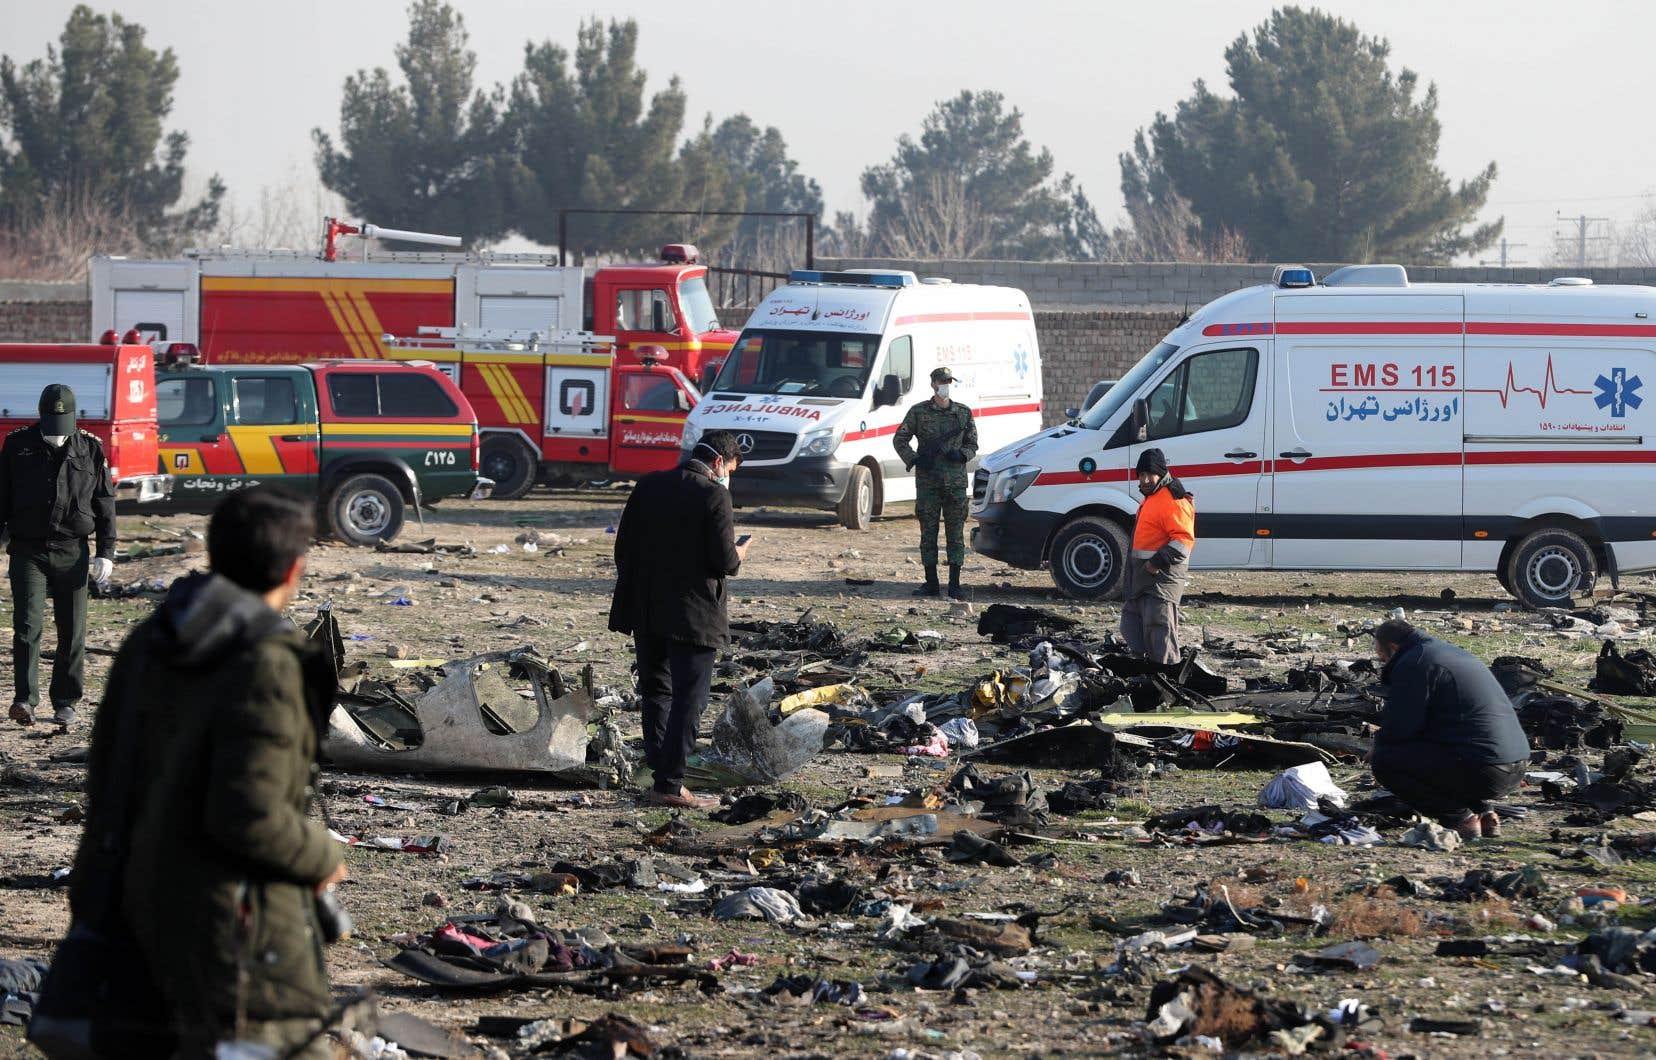 «Une chose est sûre, cet avion n'a pas été touché par un missile», a affirmé le président de l'Organisation de l'aviation civile iranienne (CAO), Ali Abedzadeh, à la presse.